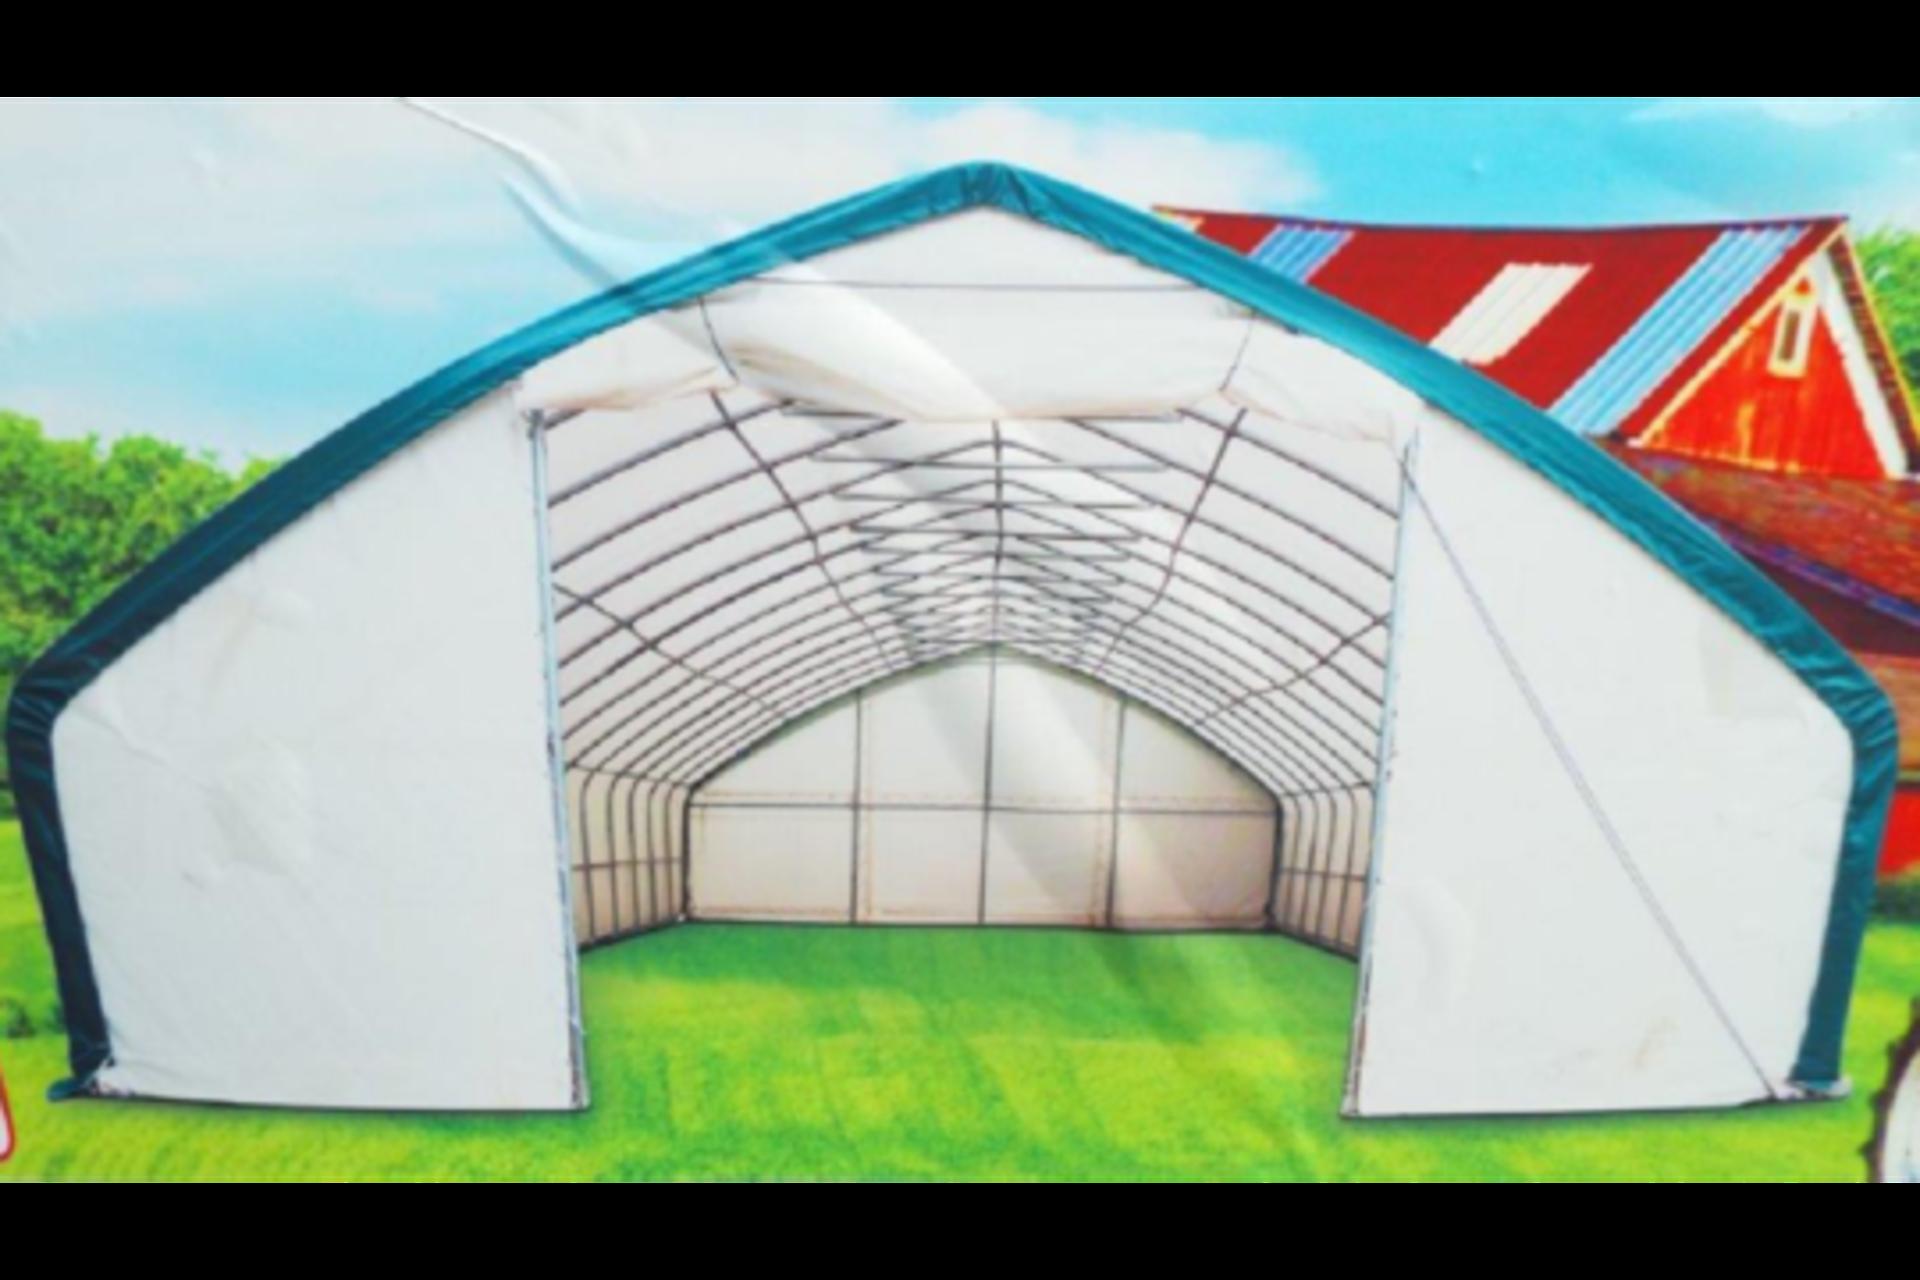 Lot 26790 - Heavy Duty Storage Shelter 30'W x 65'L x 15' H